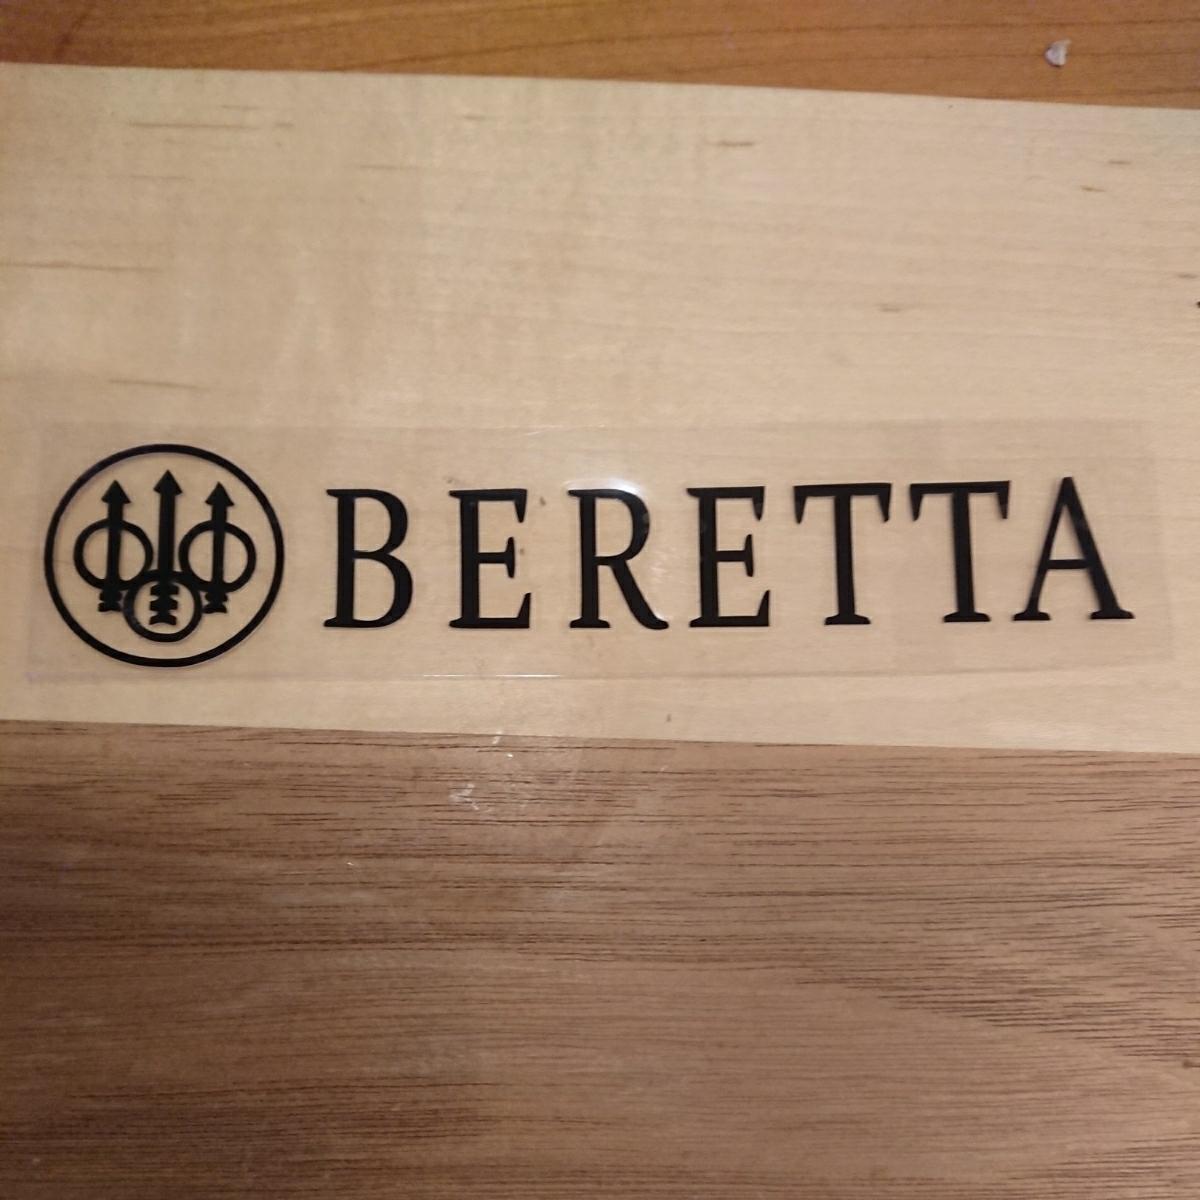 ベレッタ BERETTA ステッカー ブラック_画像1